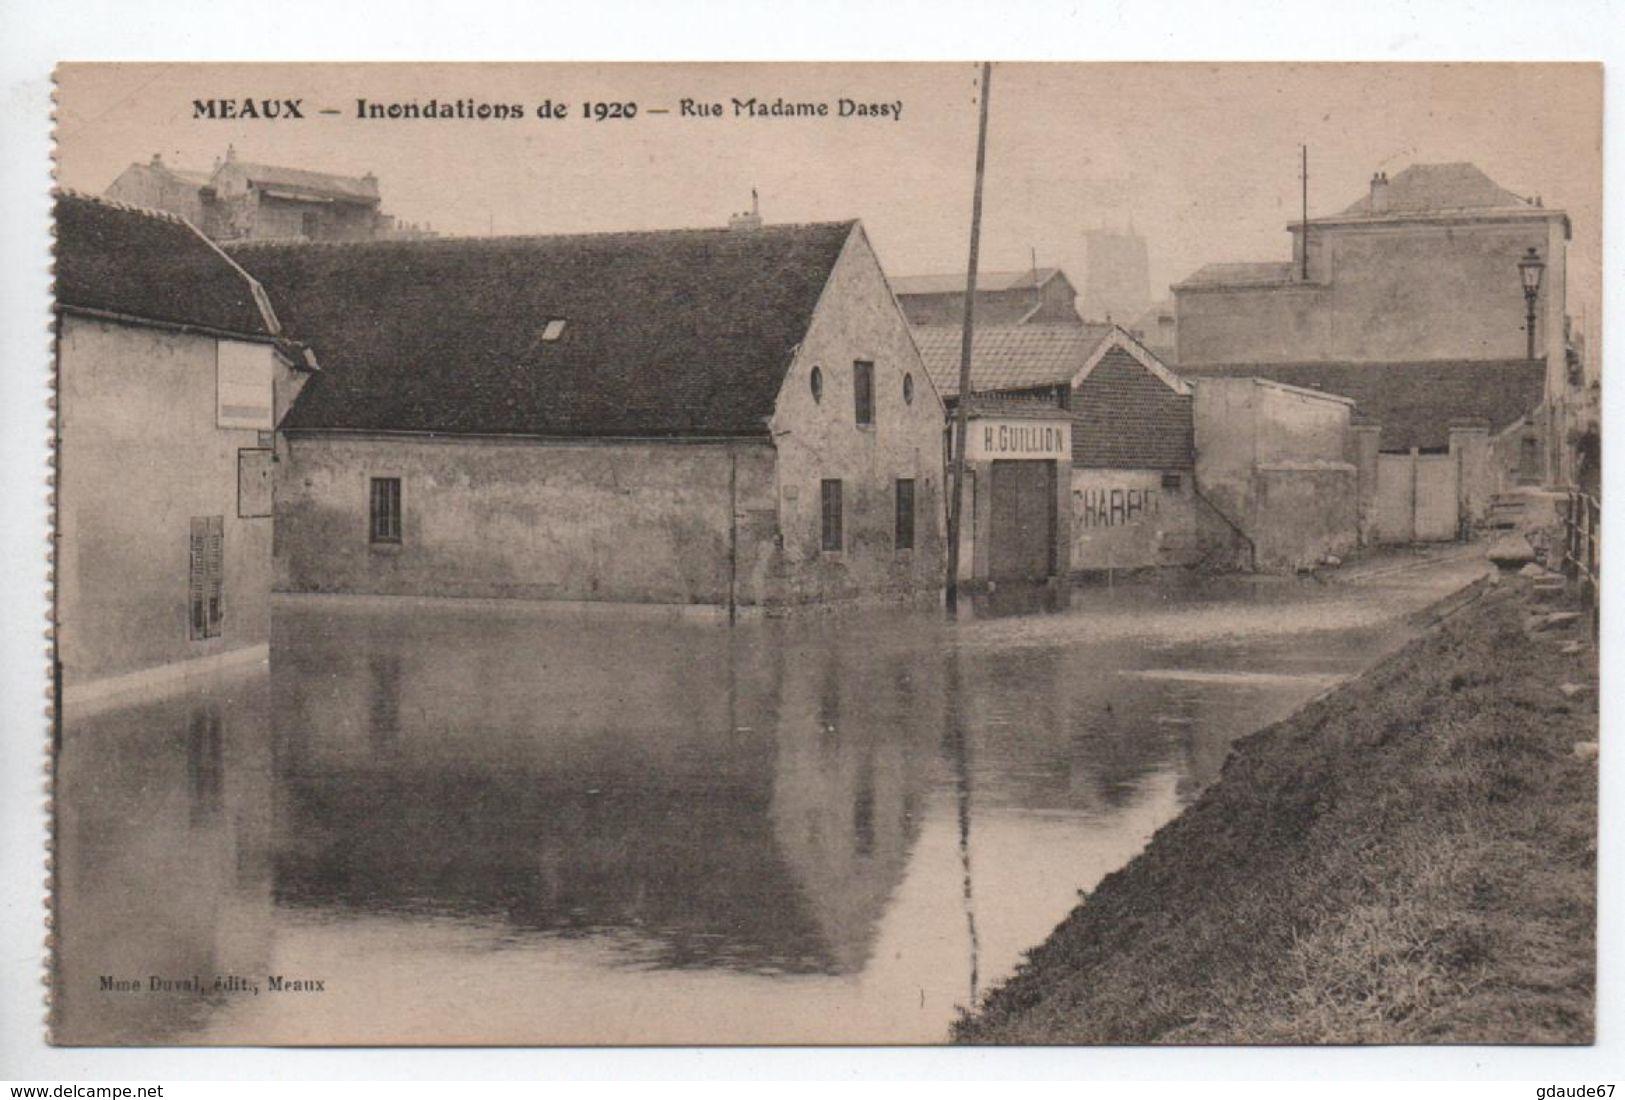 MEAUX (77) - INONDATIONS DE 1920 - RUE MADAME DASSY - Meaux